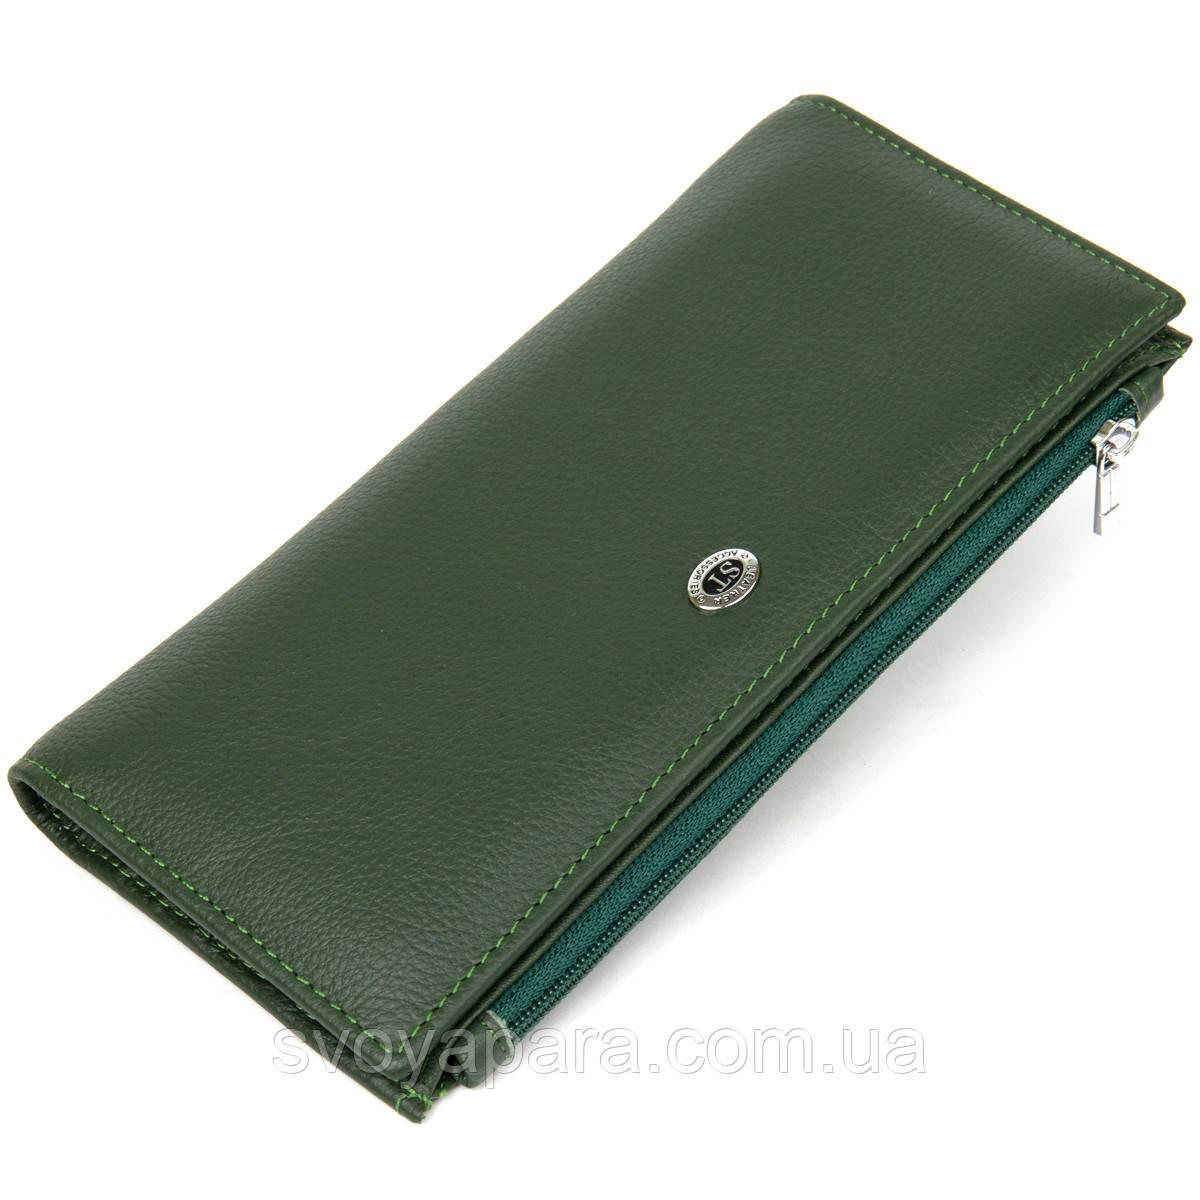 Красивый женский кожаный кошелек ST Leather 19377 Зеленый